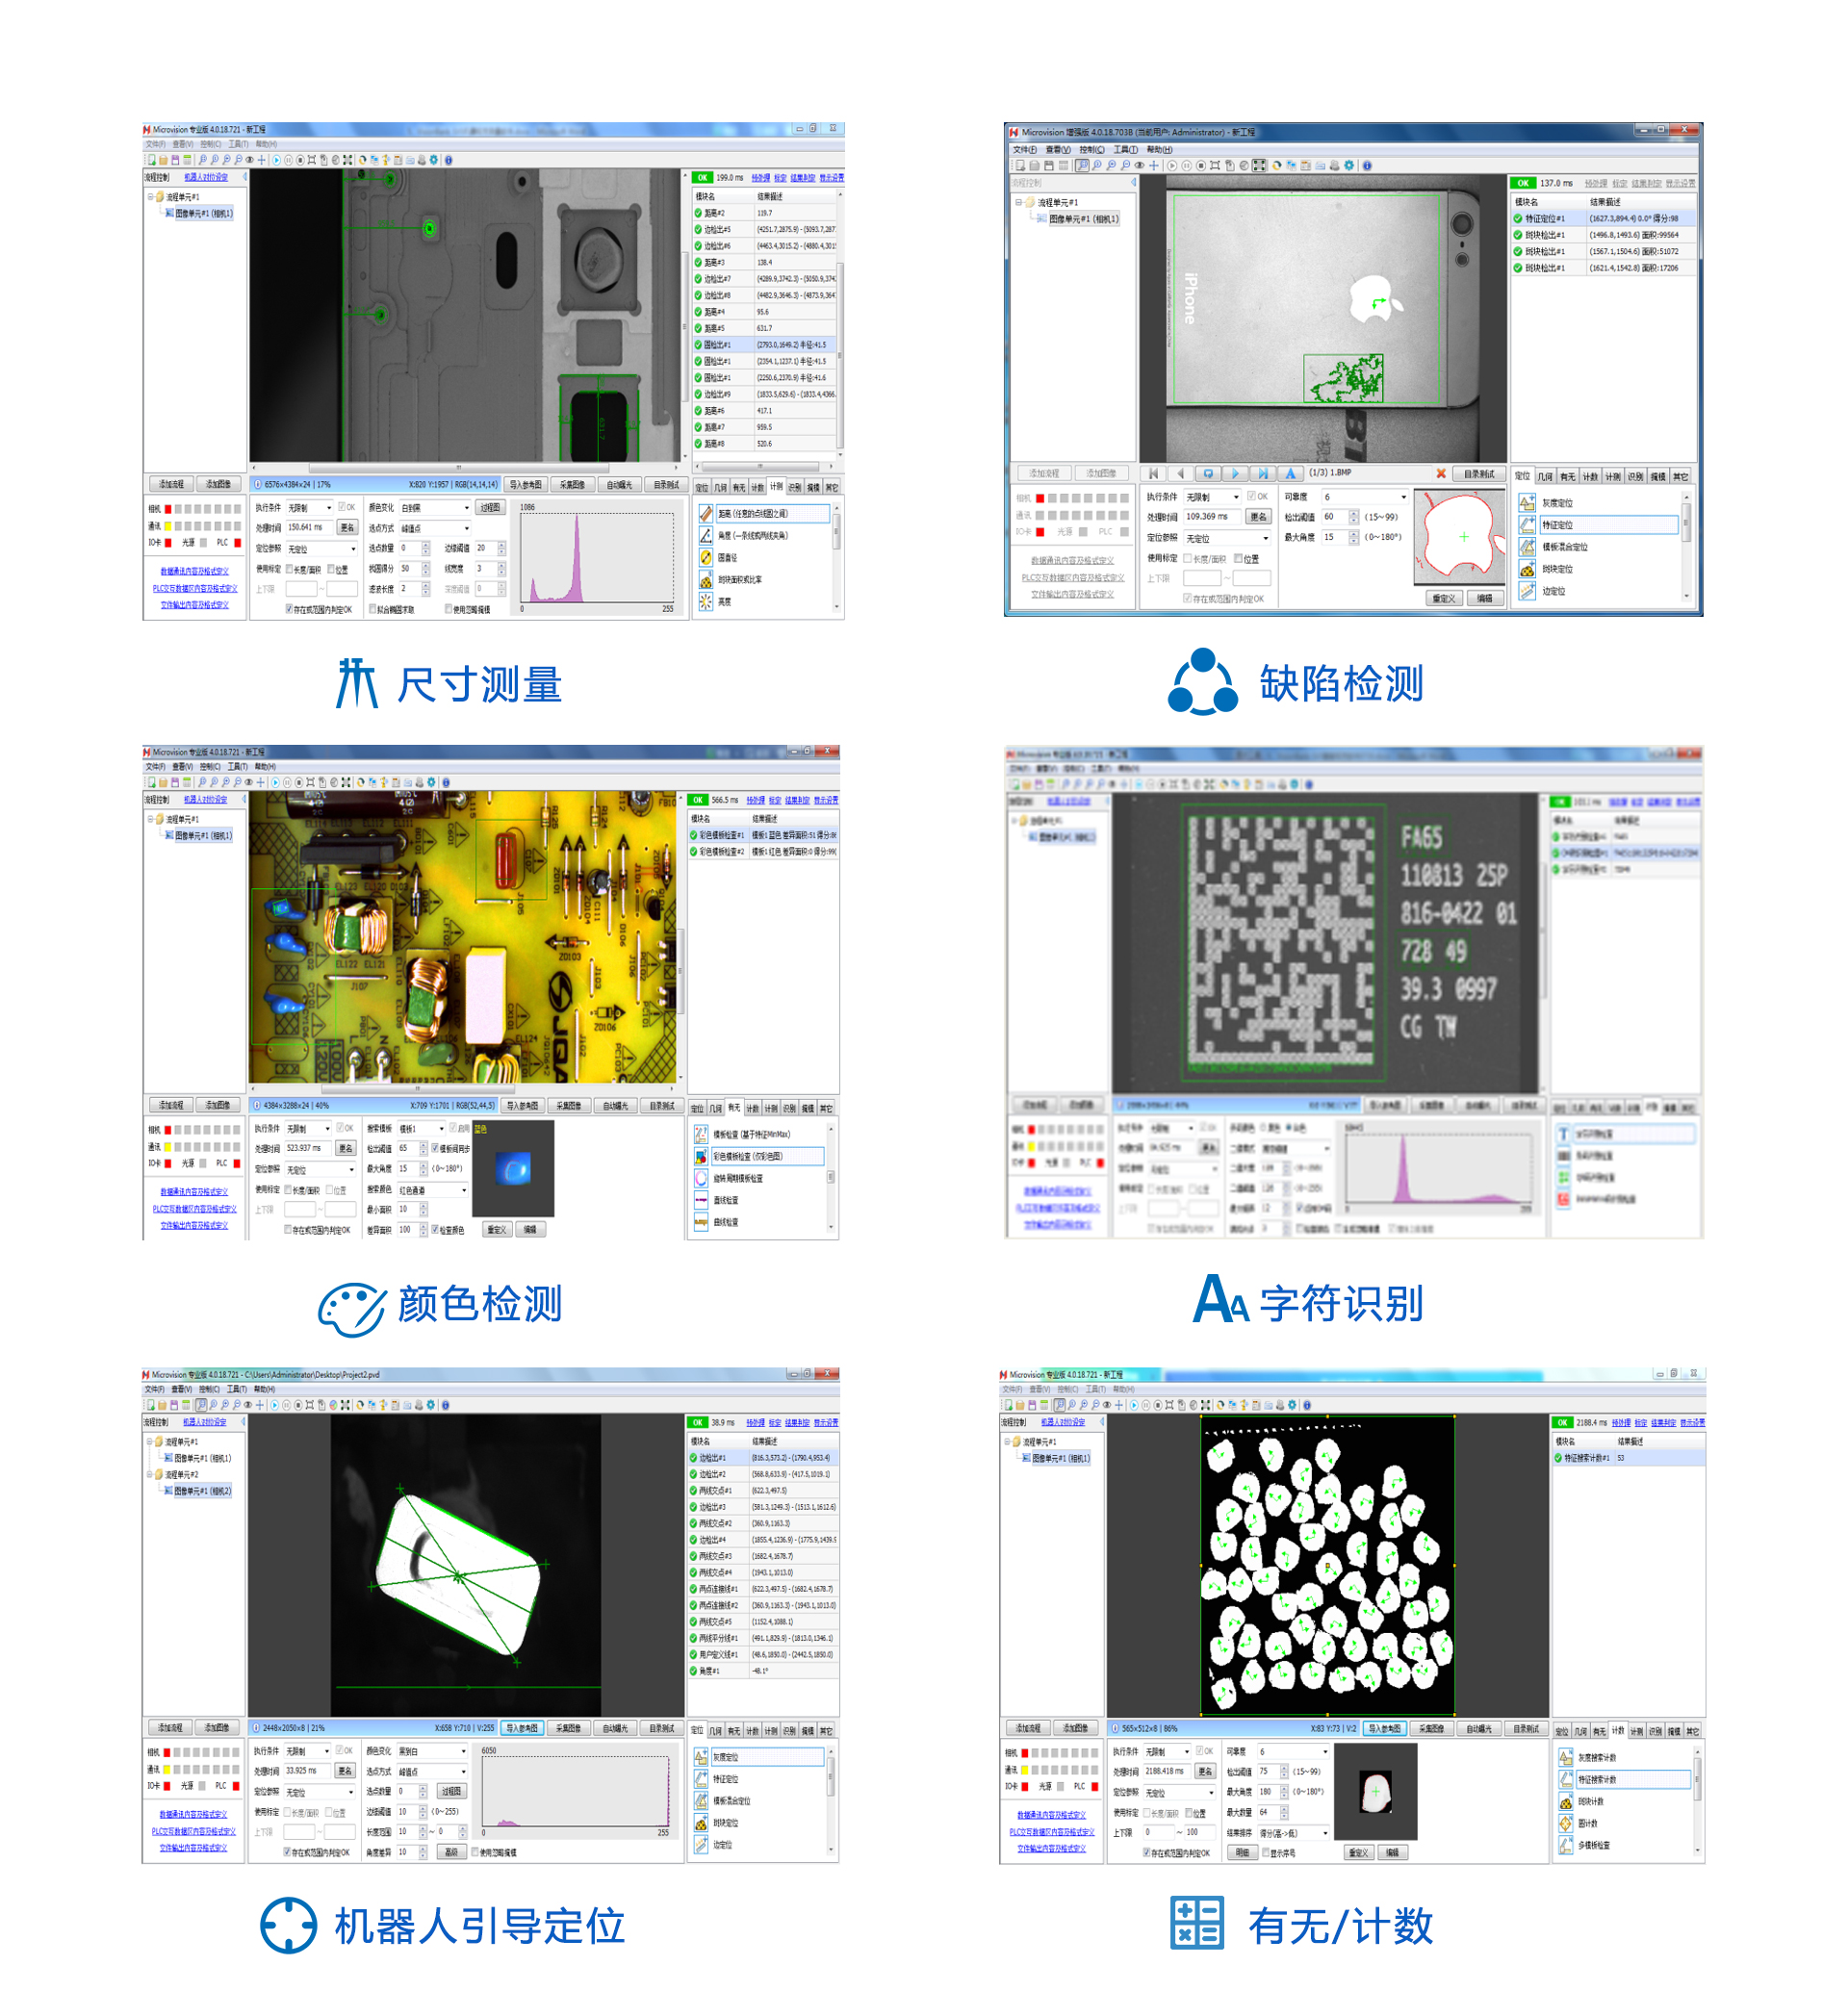 智能视觉软件应用案例